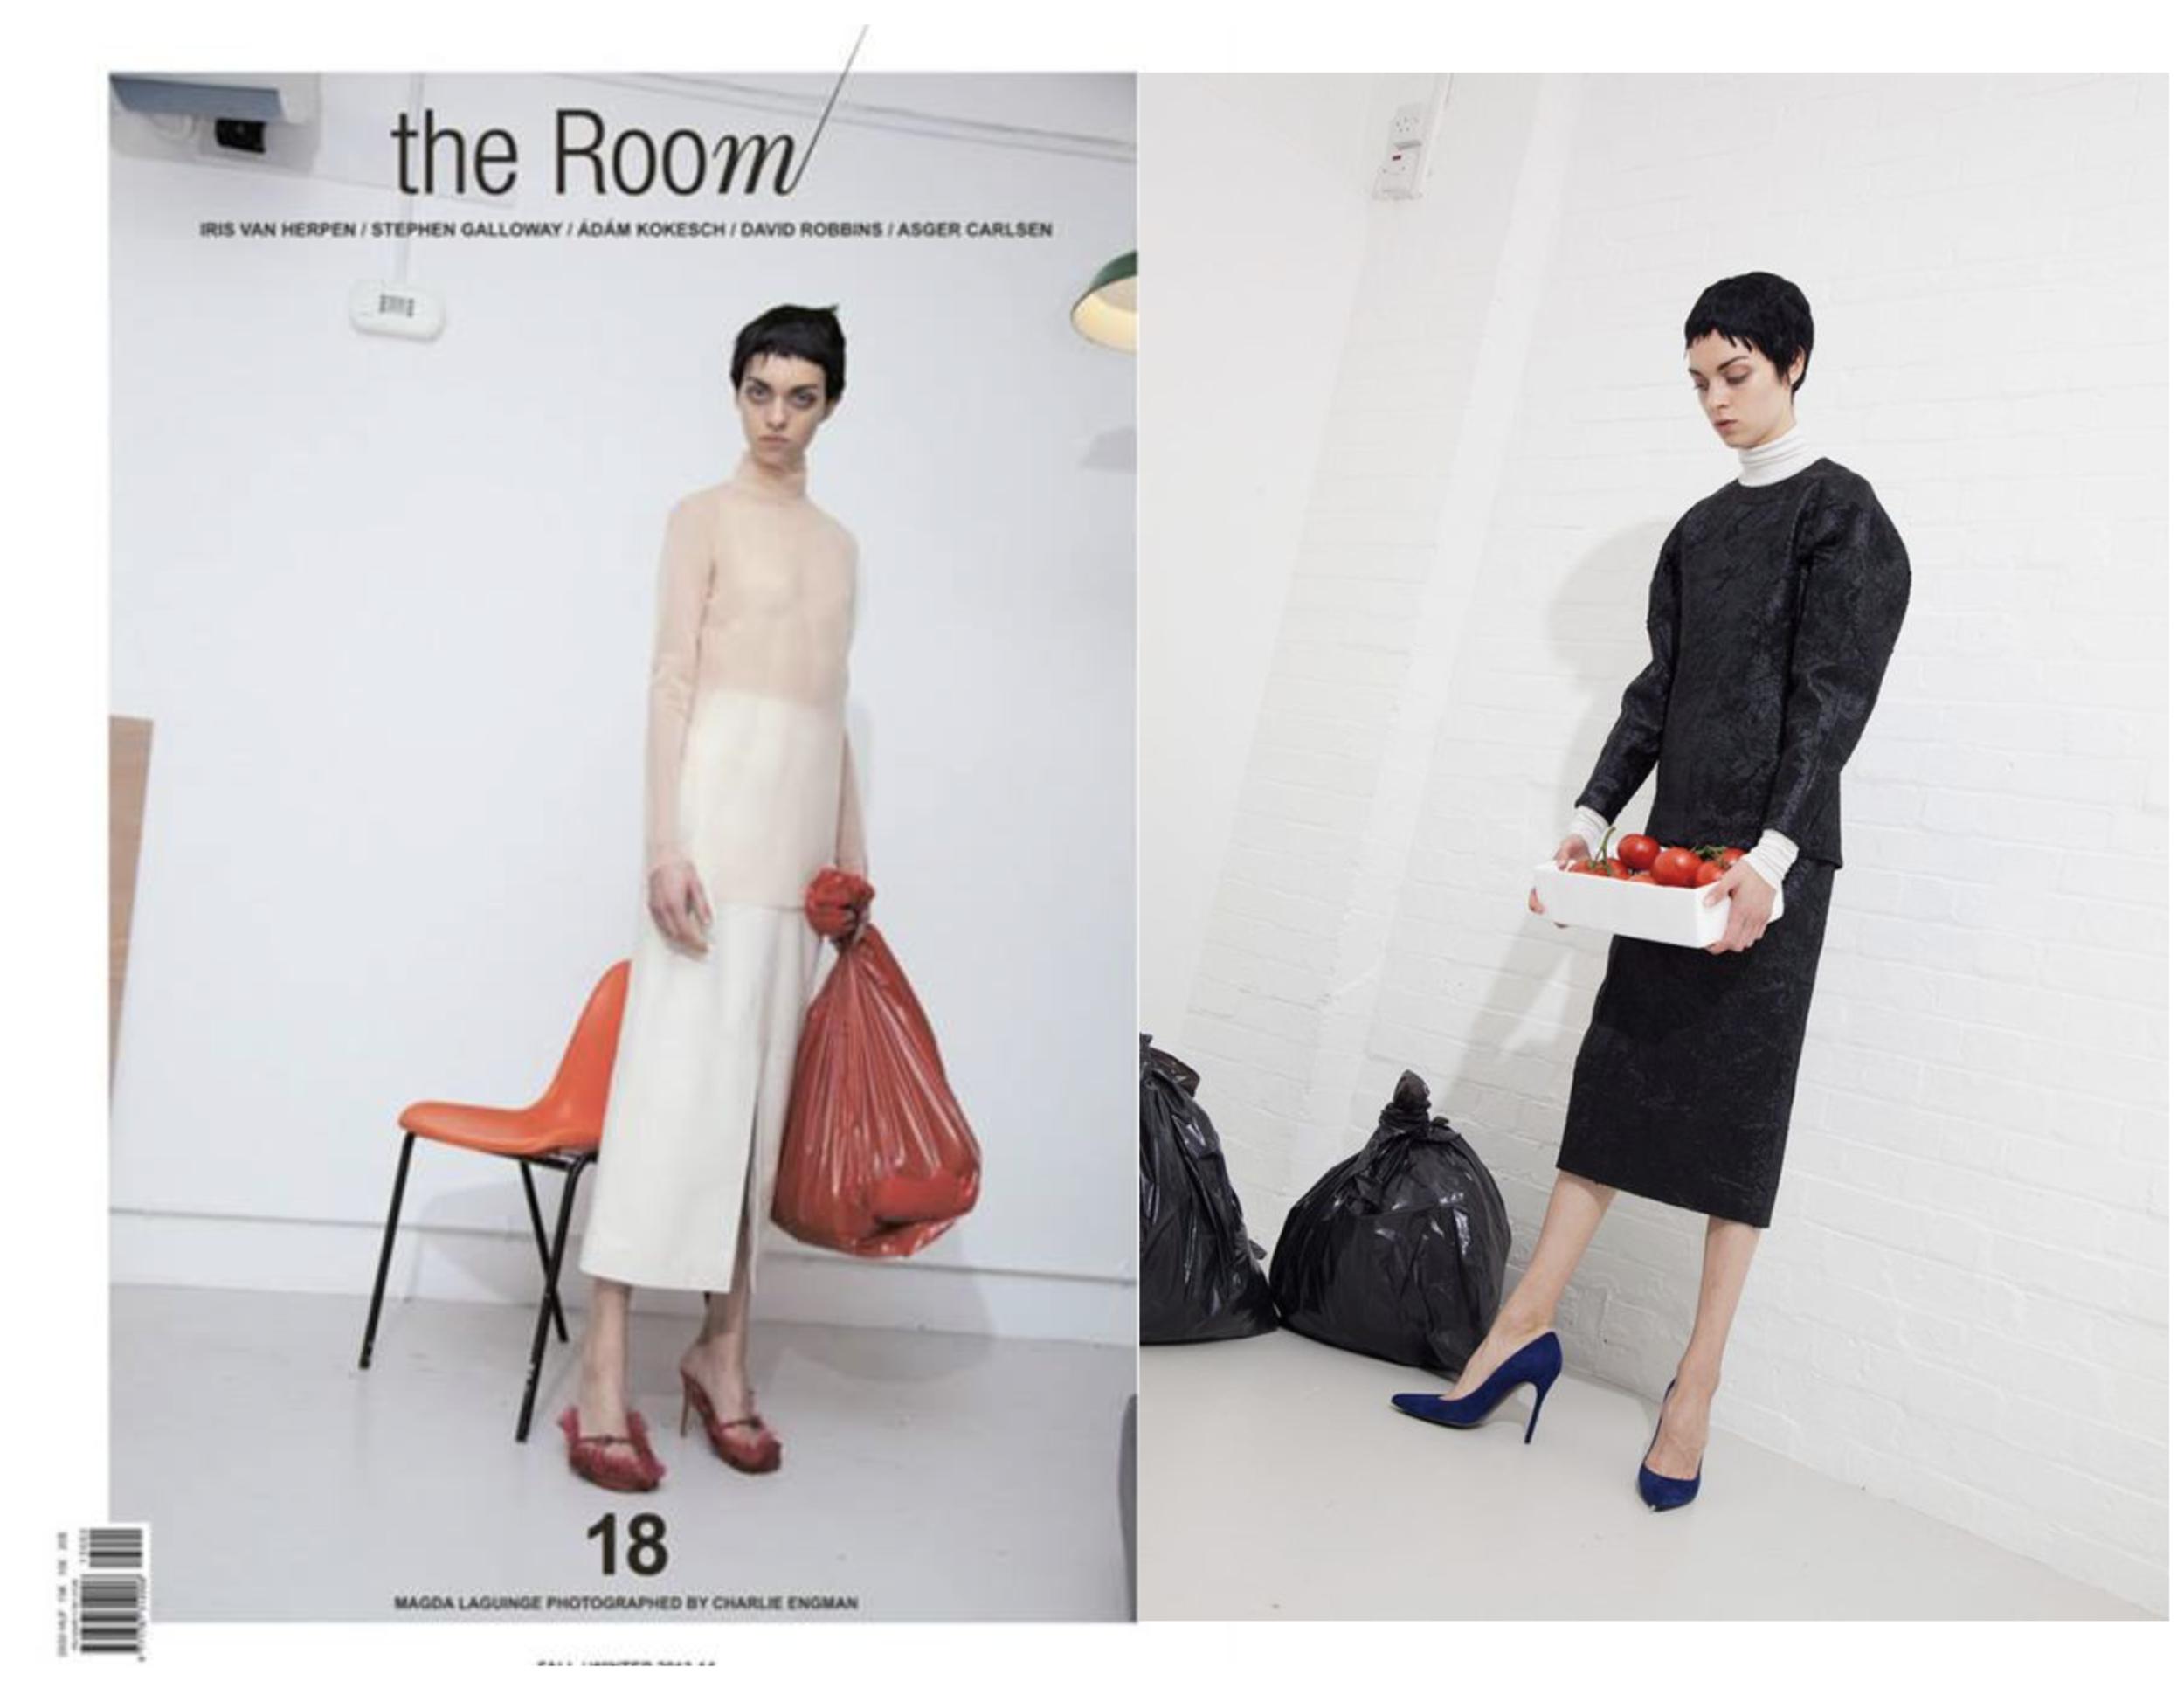 Magda Laguinge - The Room